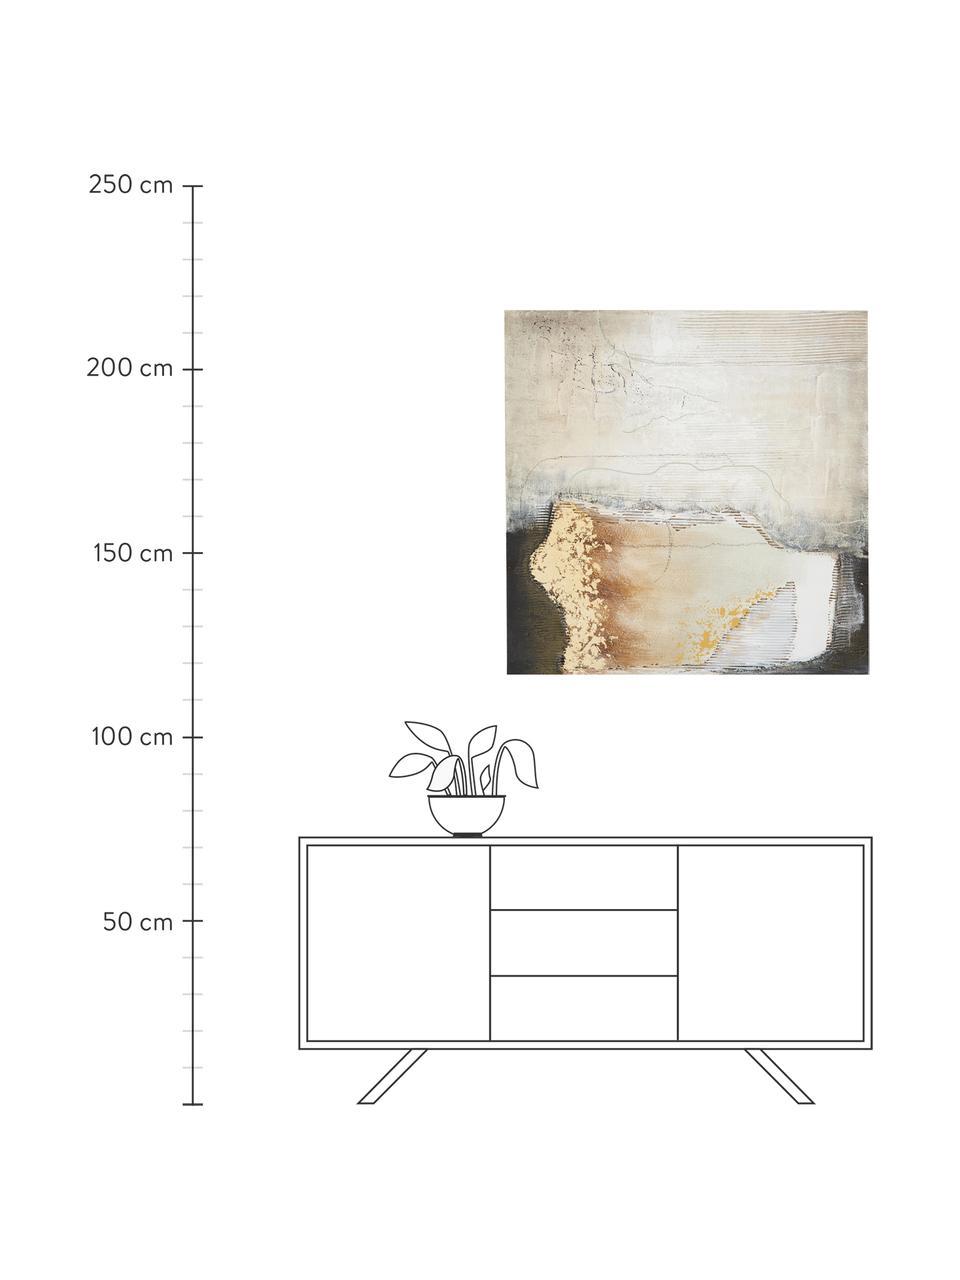 Handgeschilderd canvasdoek Texture, Afbeelding: olieverf op linnen (300 g, Multicolour, 100 x 100 cm